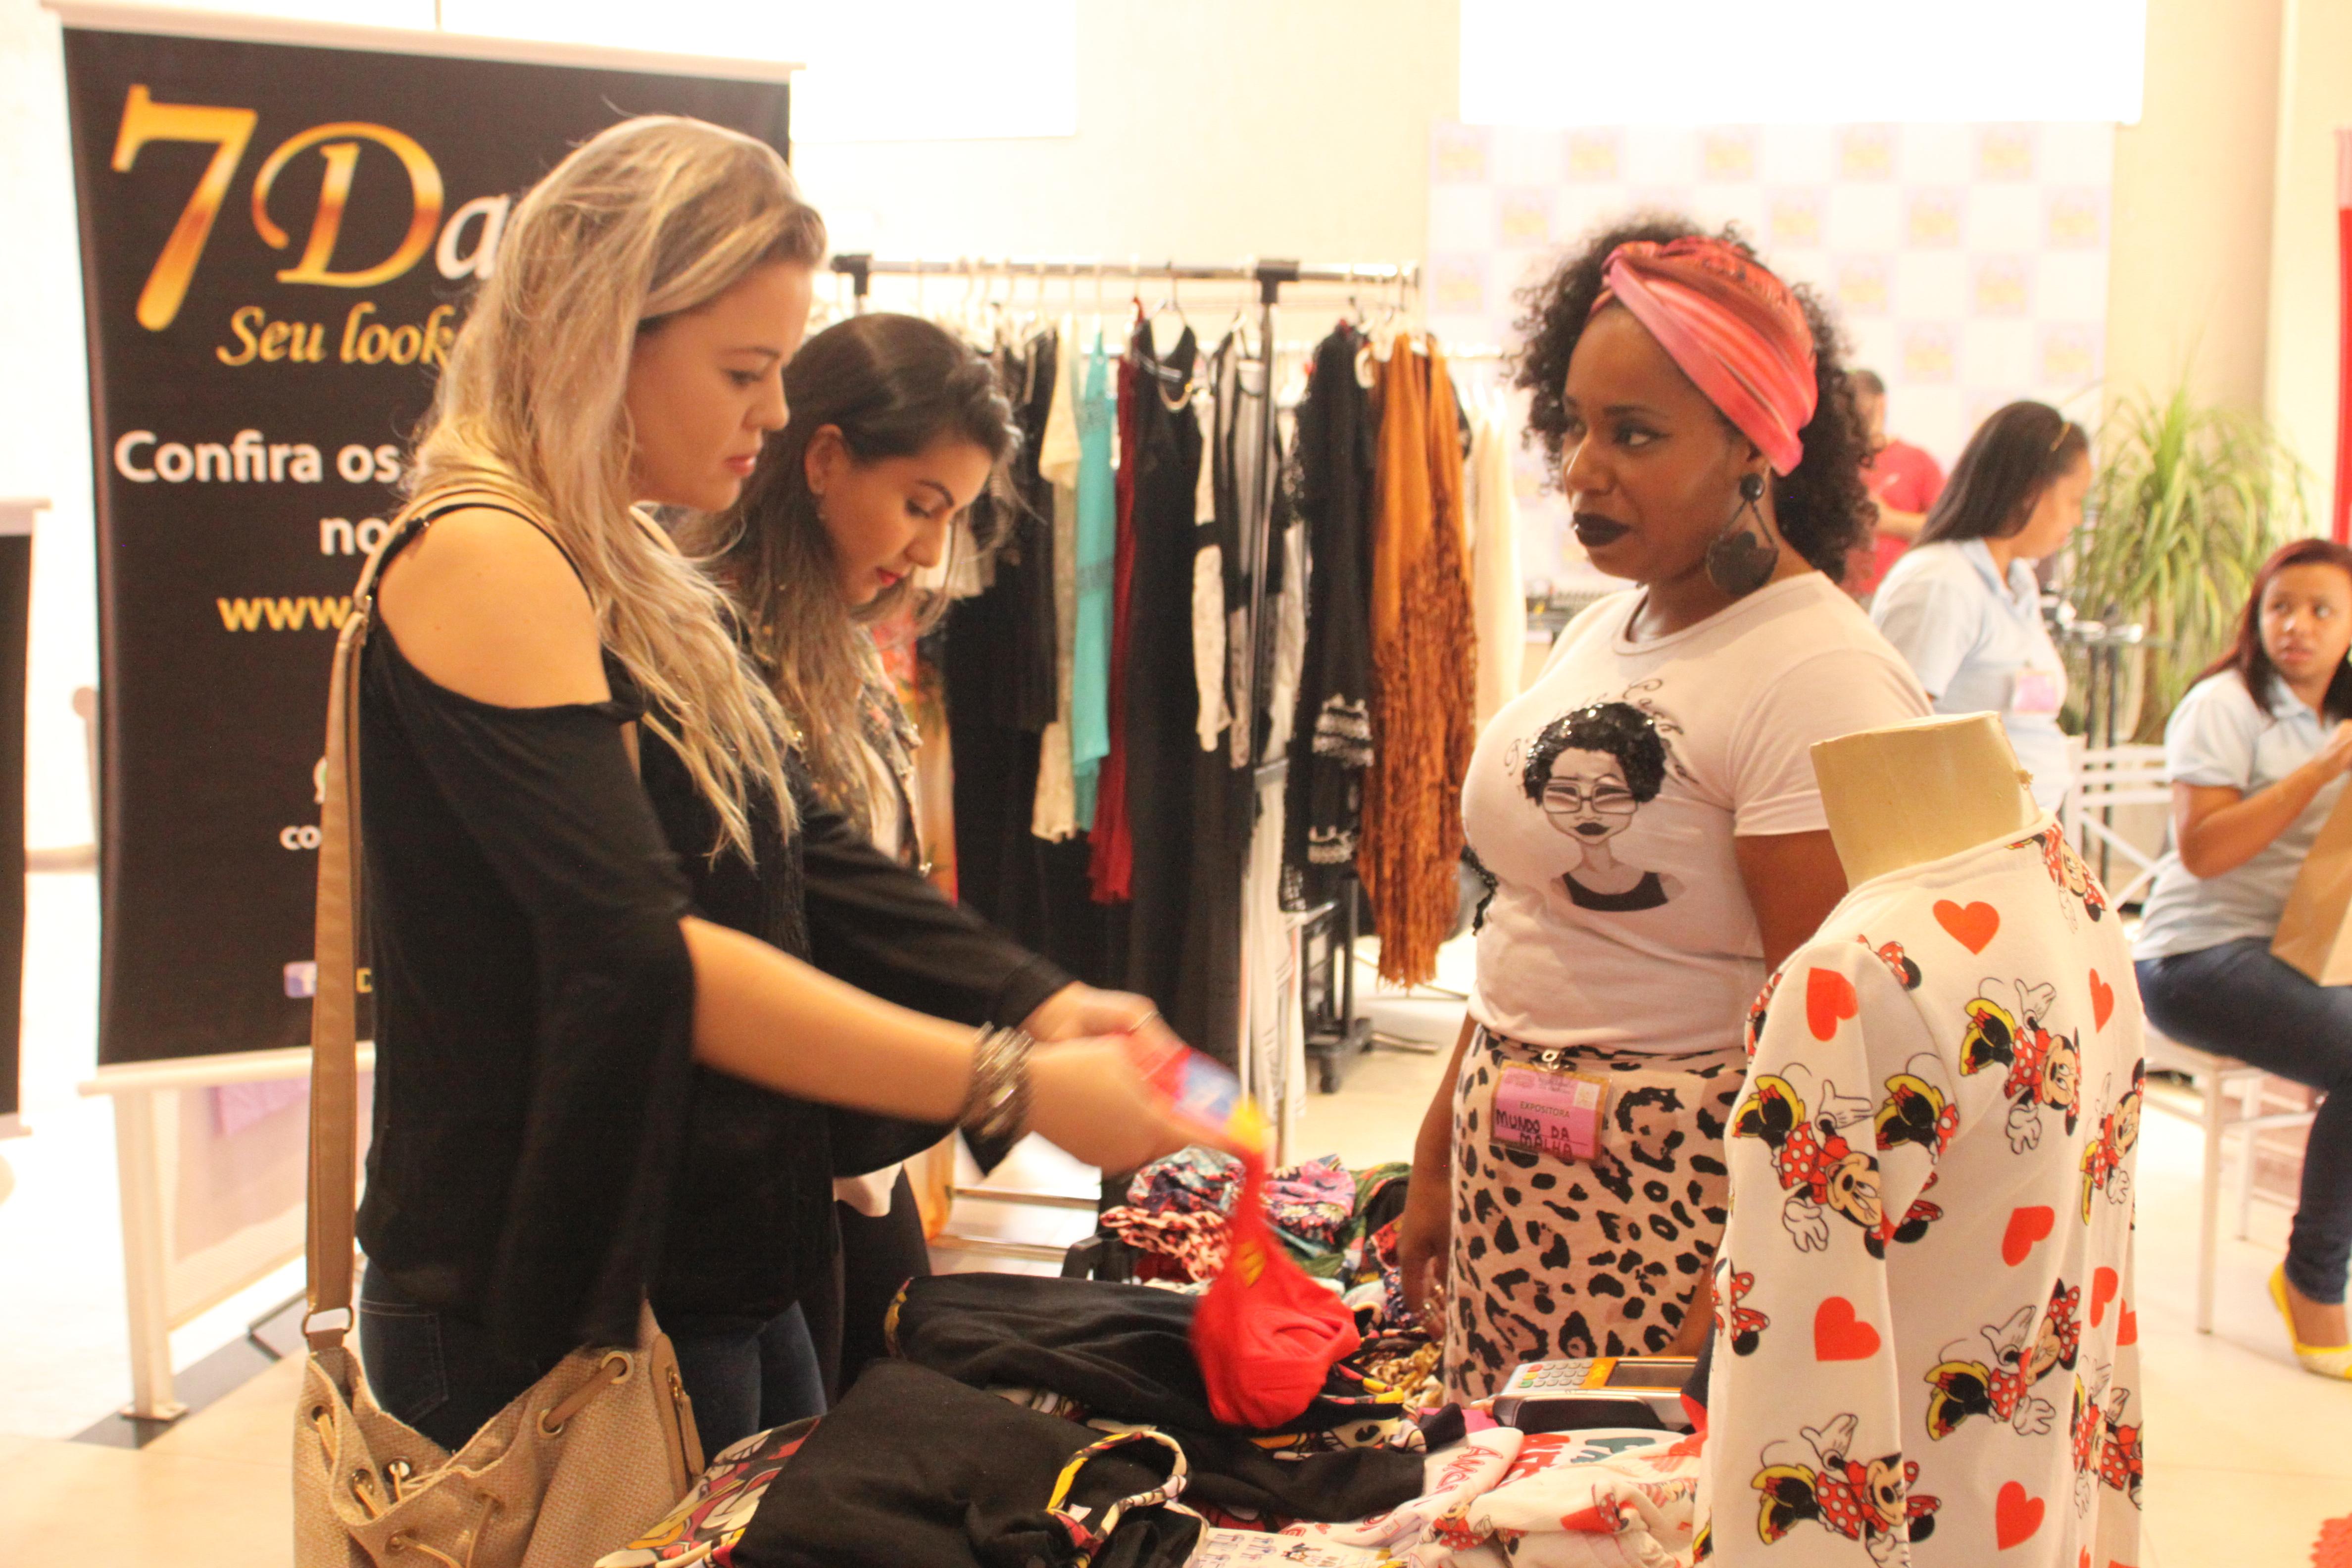 Marque na agenda: Bazar de Mulheres ganha 2ª edição em junho